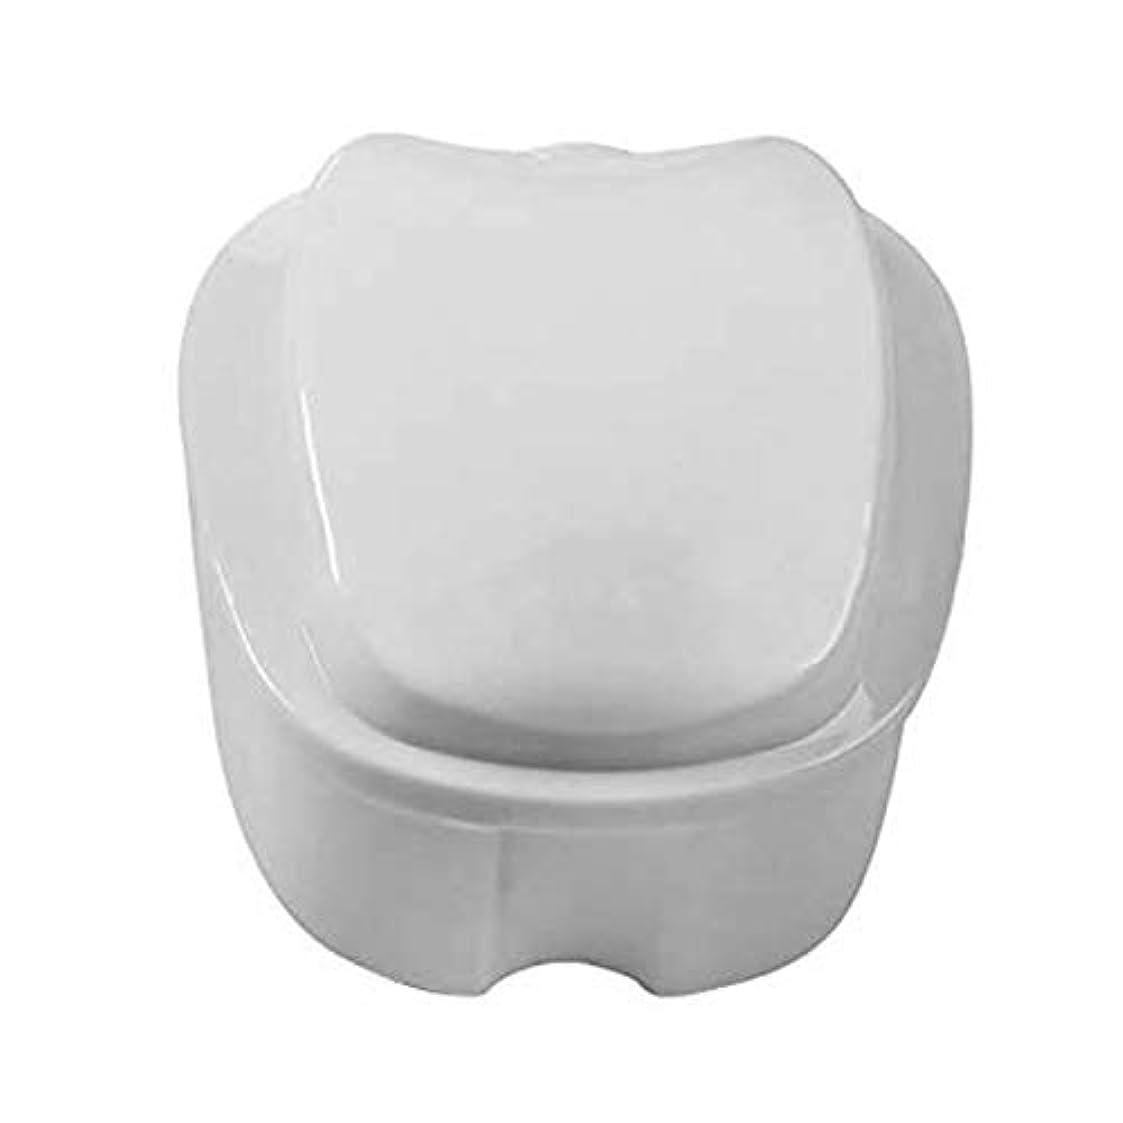 マイナス世界的にマイコンCoiTek 入れ歯 ケース 義歯容器 家庭旅行用 ストレーナー付き(ホワイト)